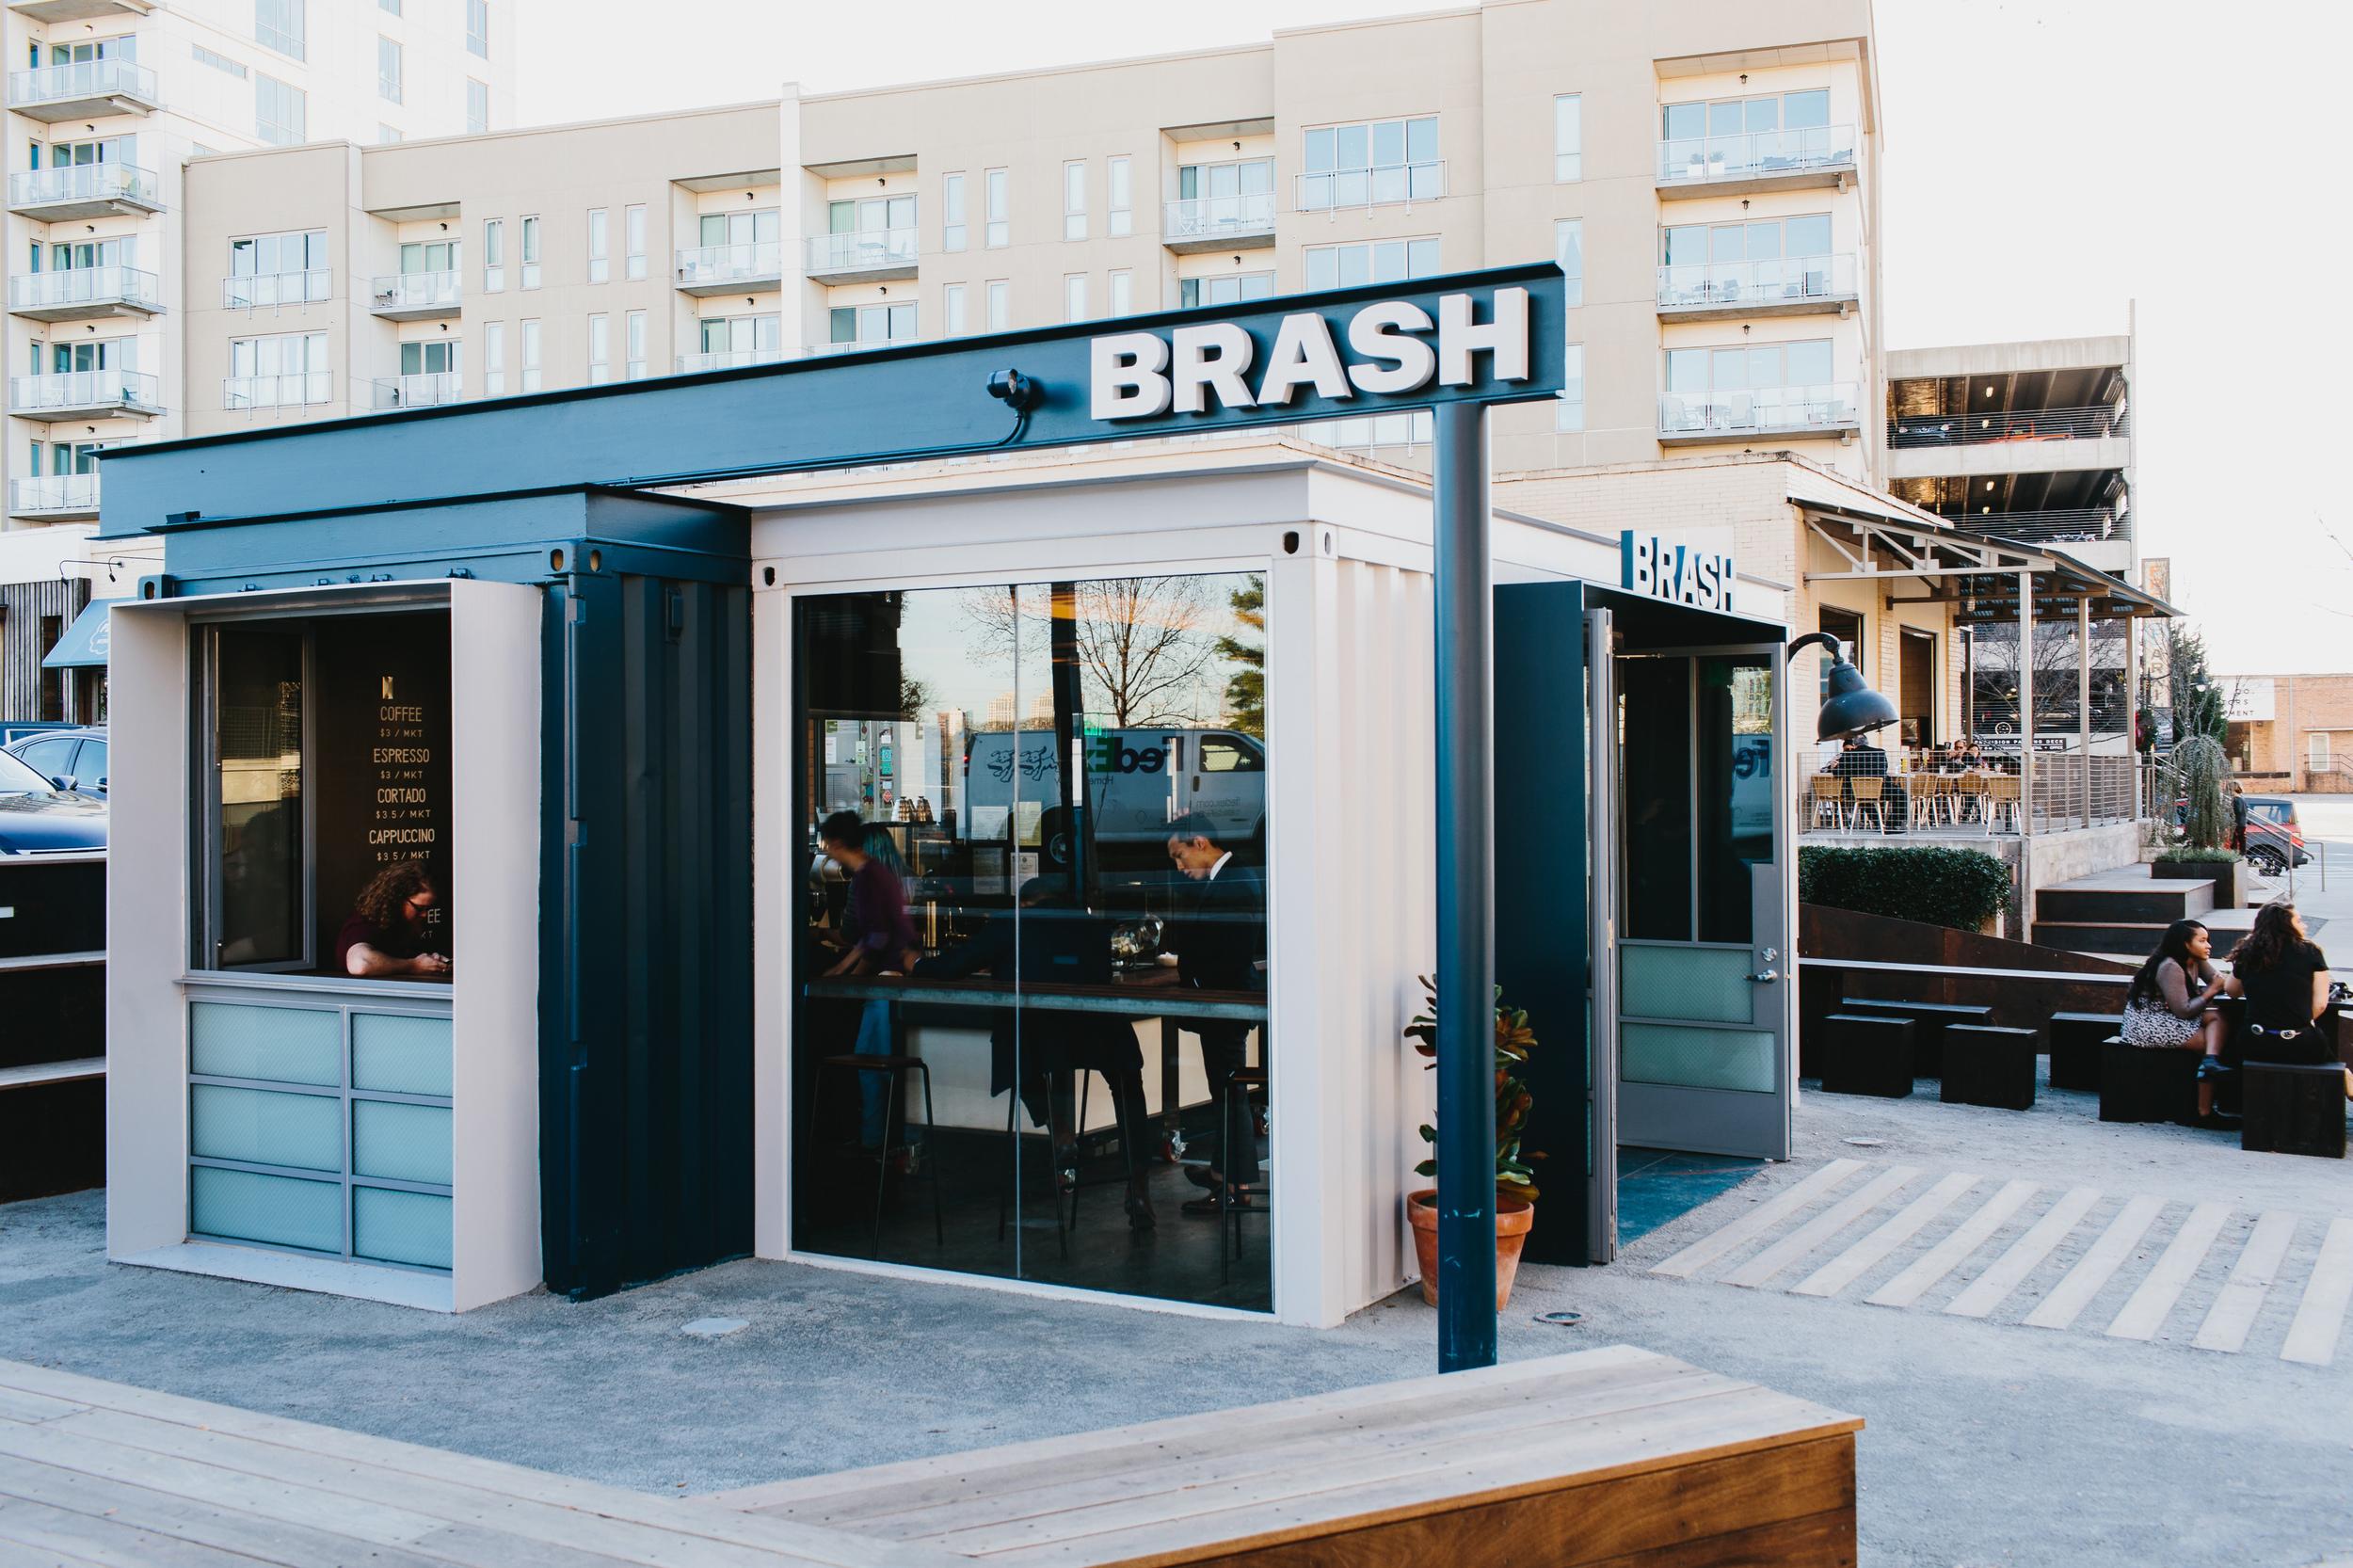 brash_final_0005.jpg